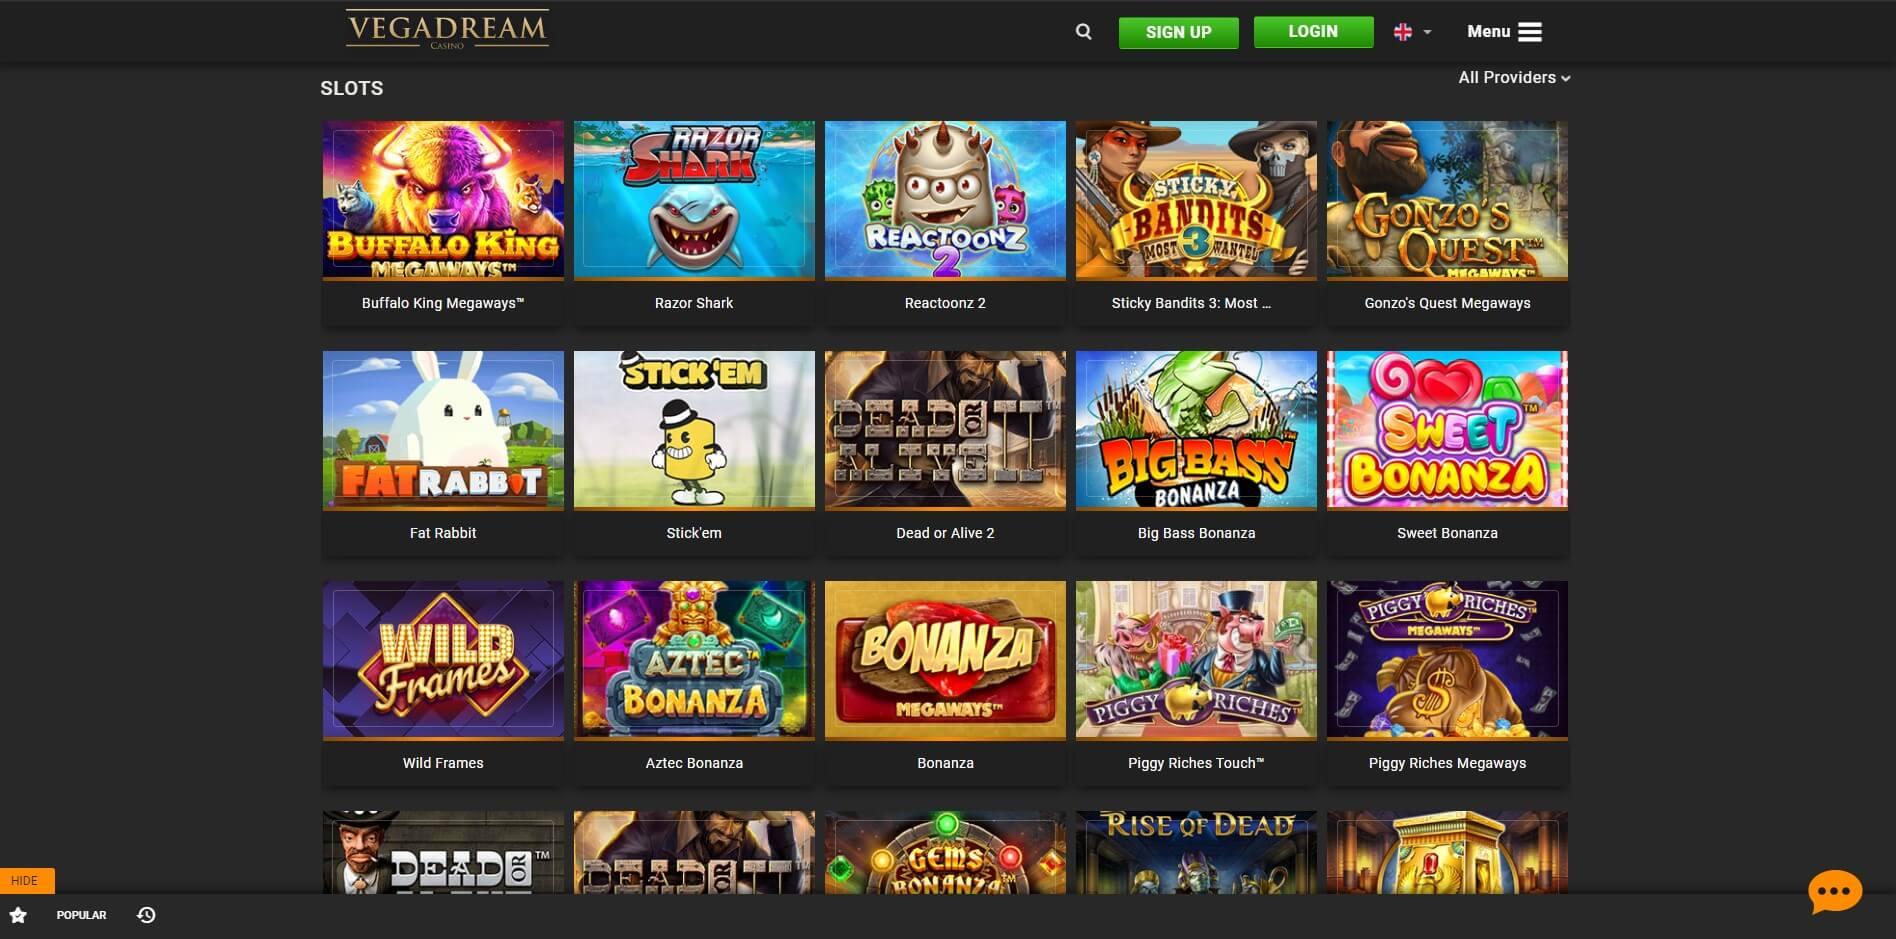 Games at VegaDream Casino